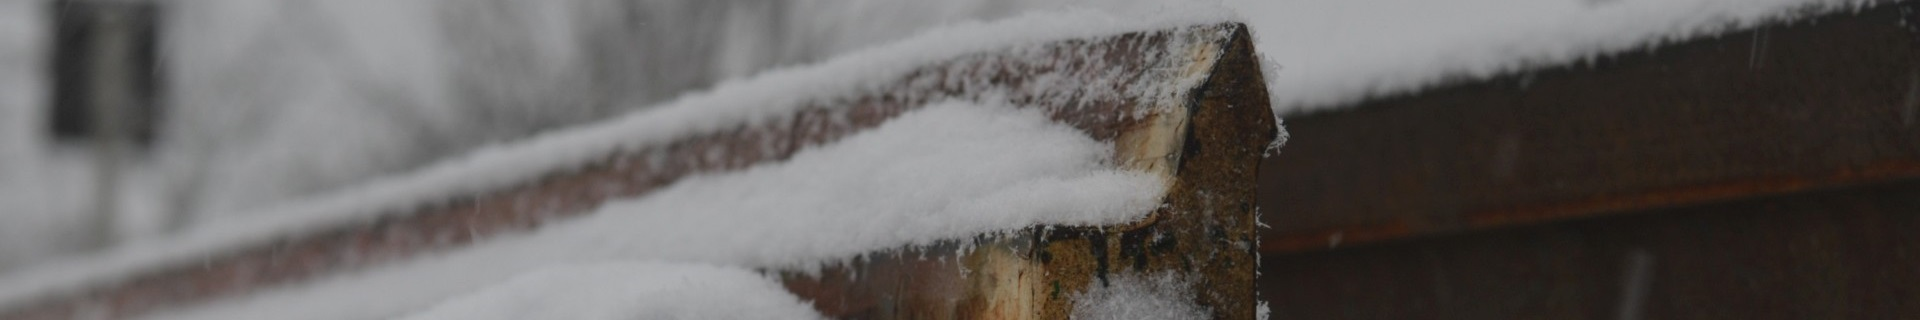 Weichenzunge im Winter , Bahntechnik, Bahnbetrieb